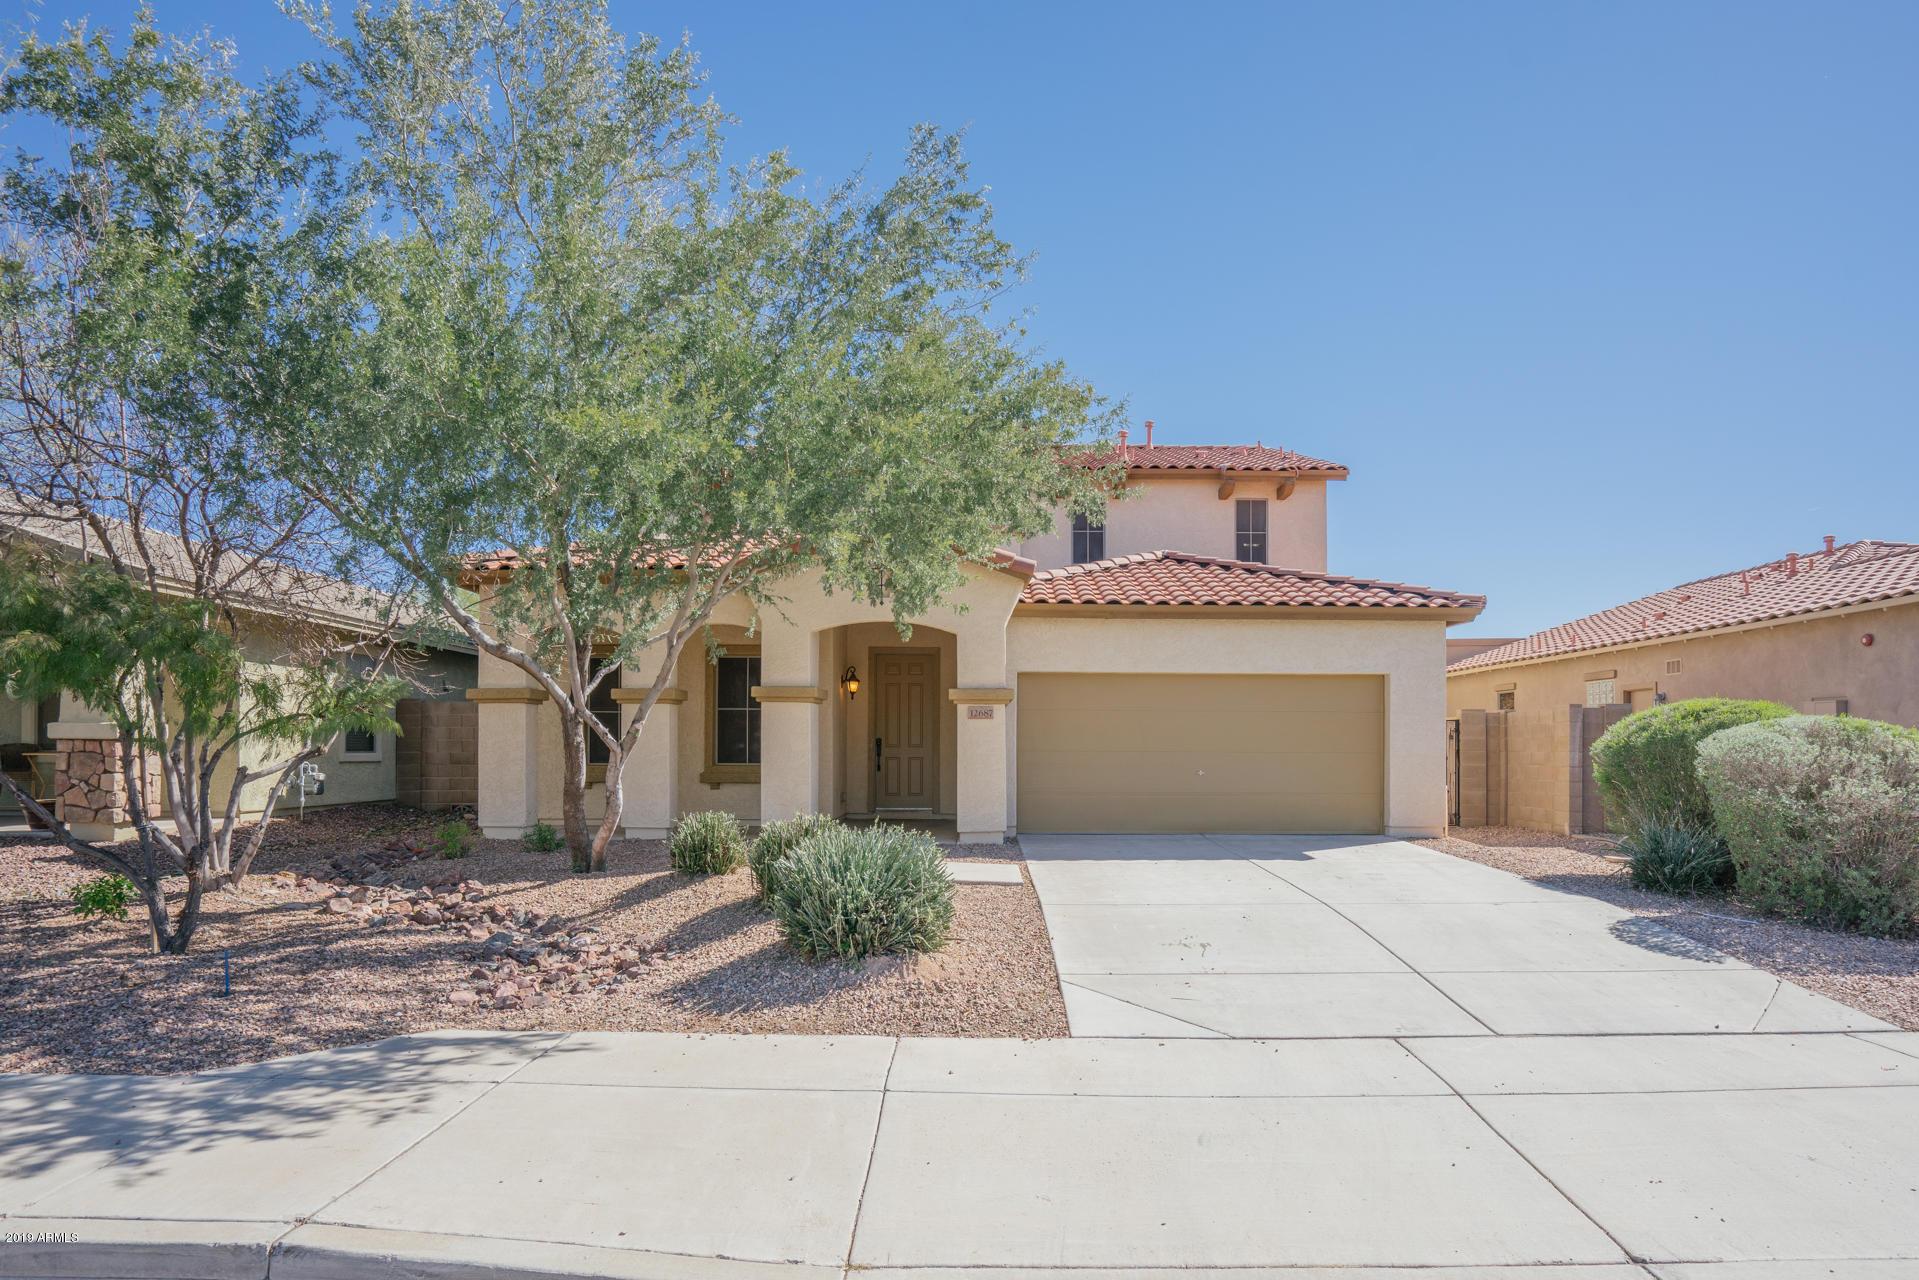 12687 W NADINE Way, Vistancia in Maricopa County, AZ 85383 Home for Sale